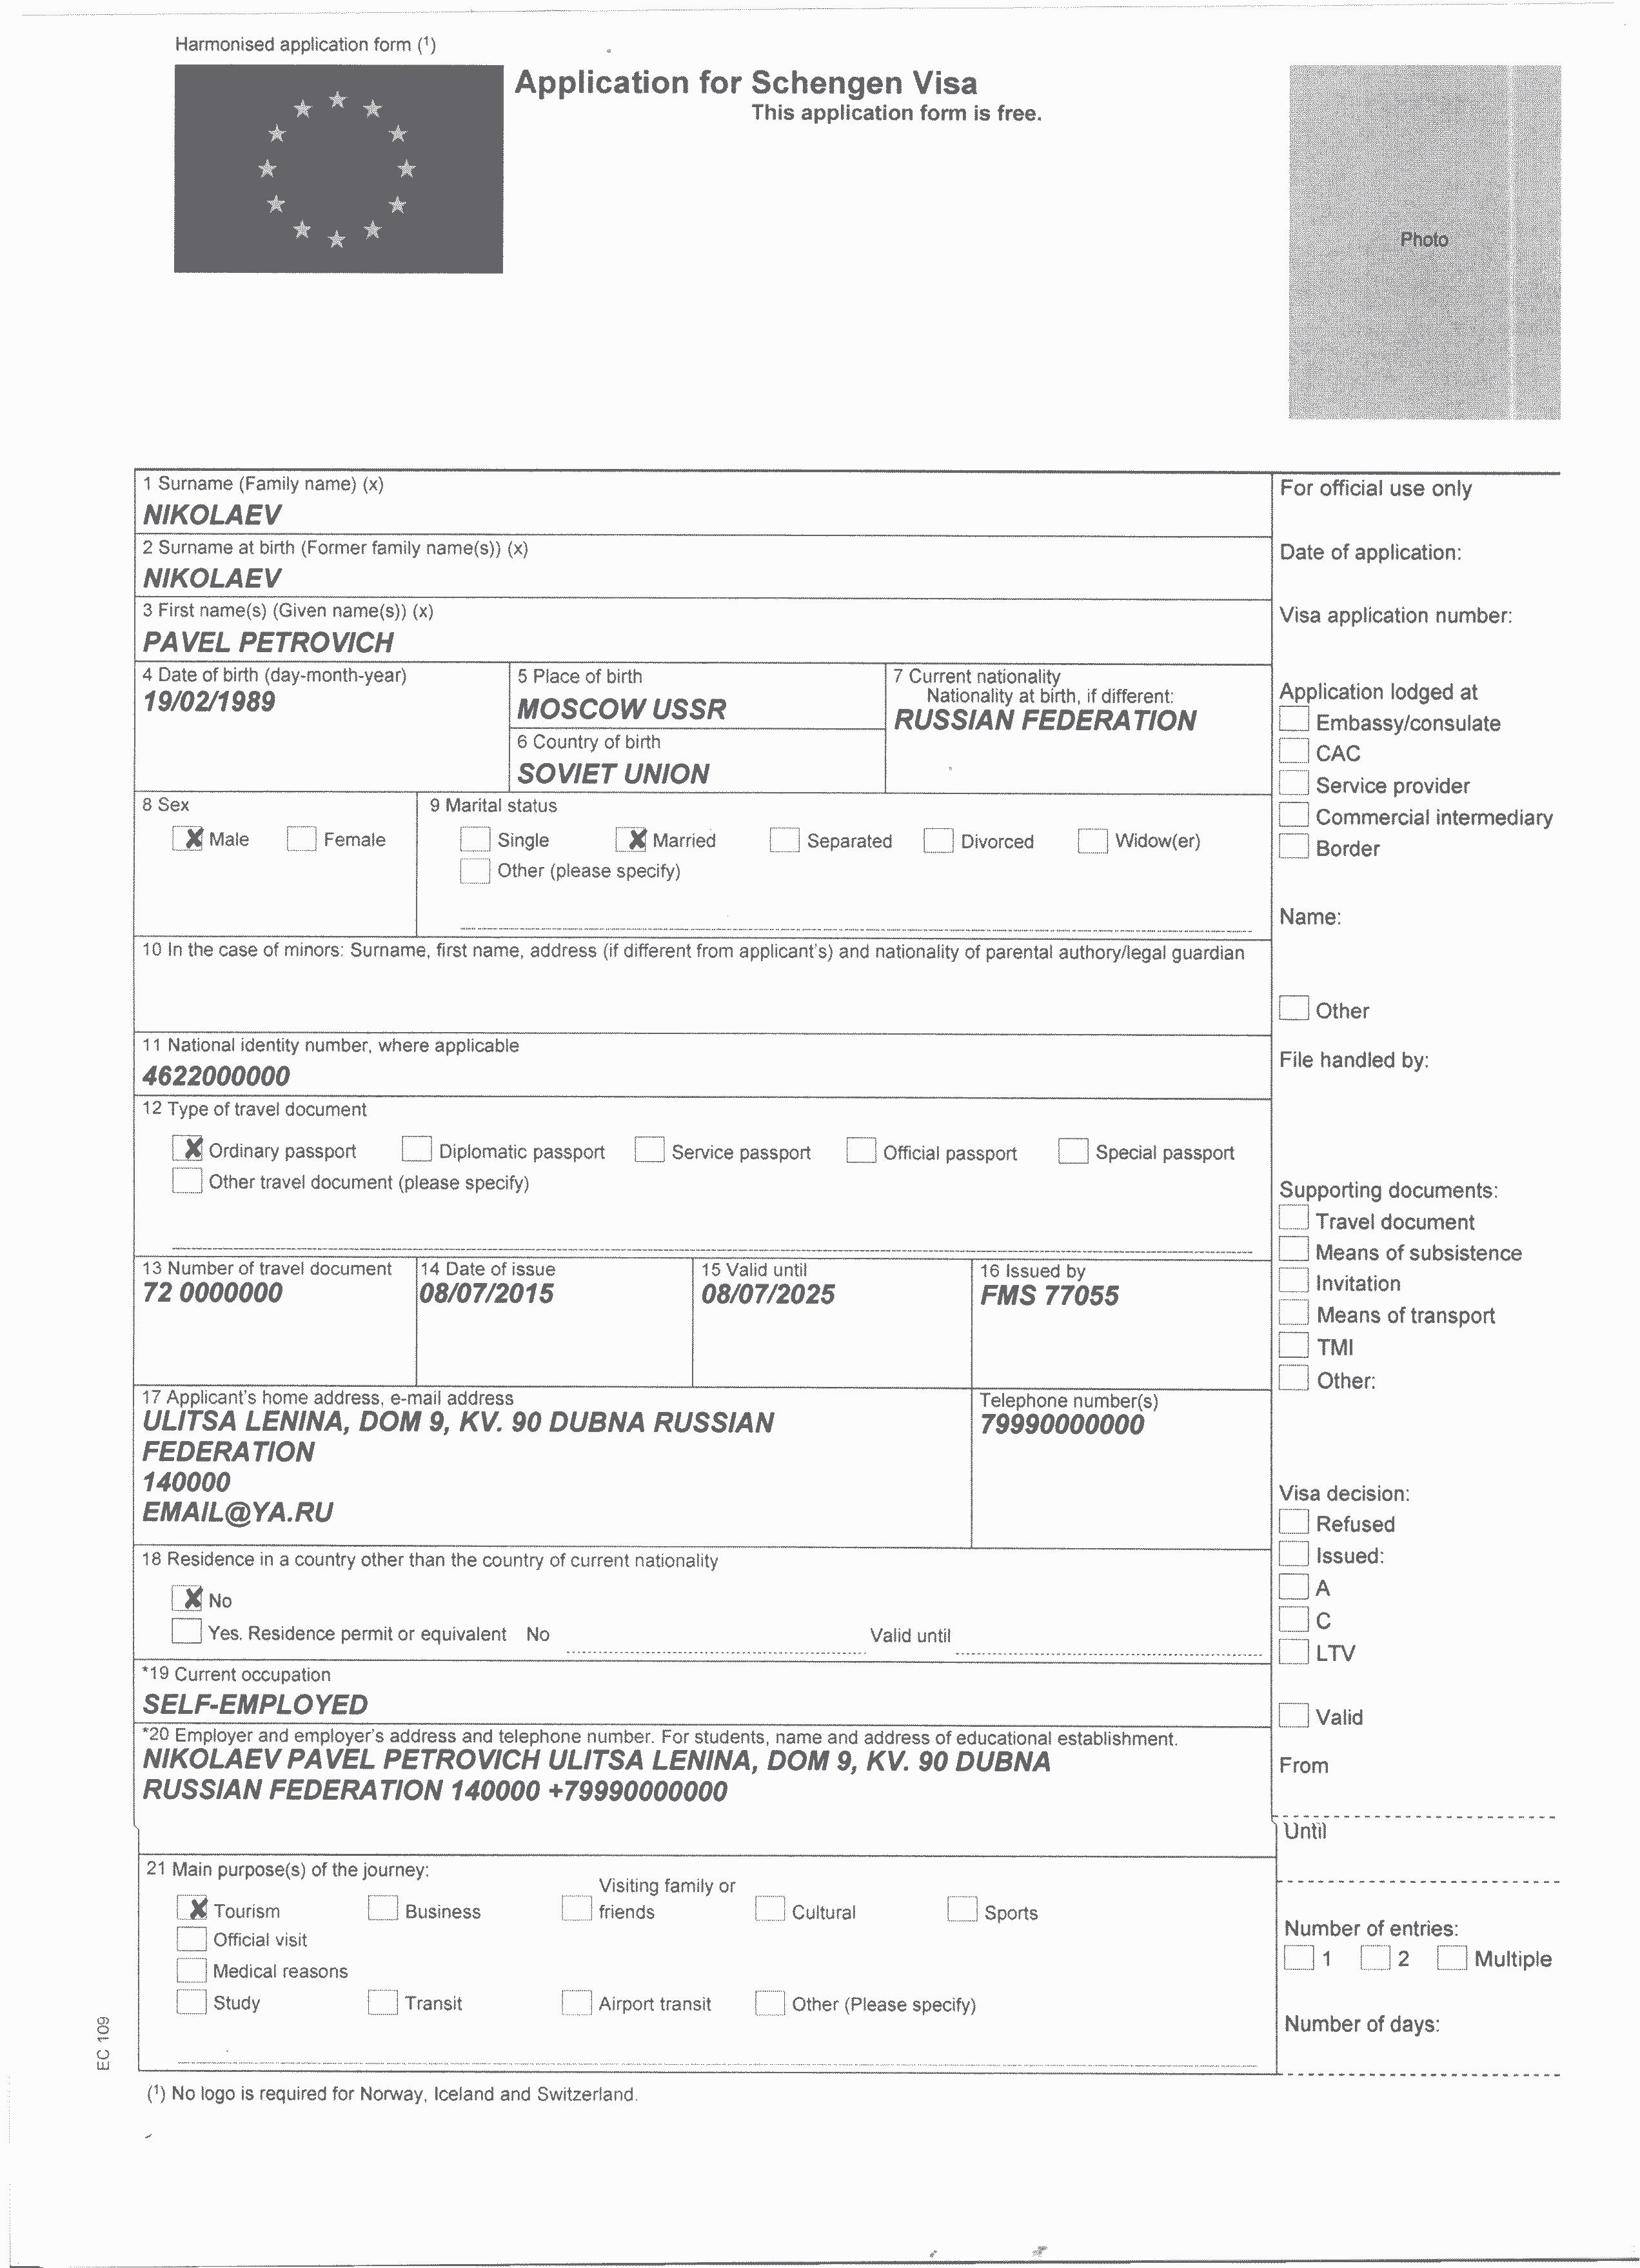 Образец заполнения анкеты на финскую визу. Страница 1